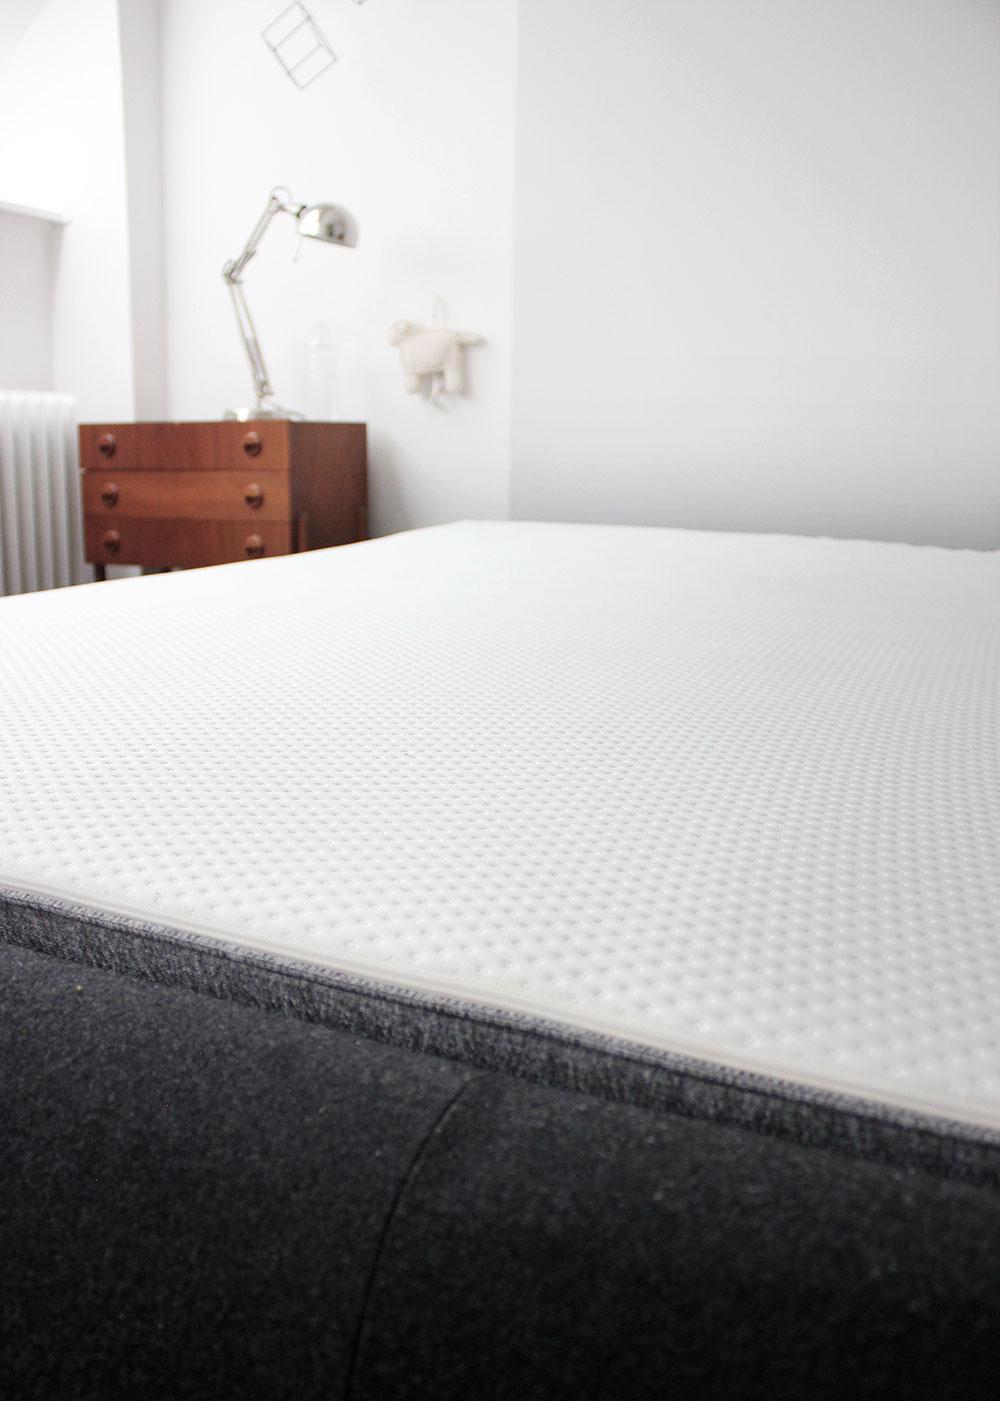 schlafplatz revolution auf 2x2 metern dank unseres neuen familienbetts und emma oh what a. Black Bedroom Furniture Sets. Home Design Ideas